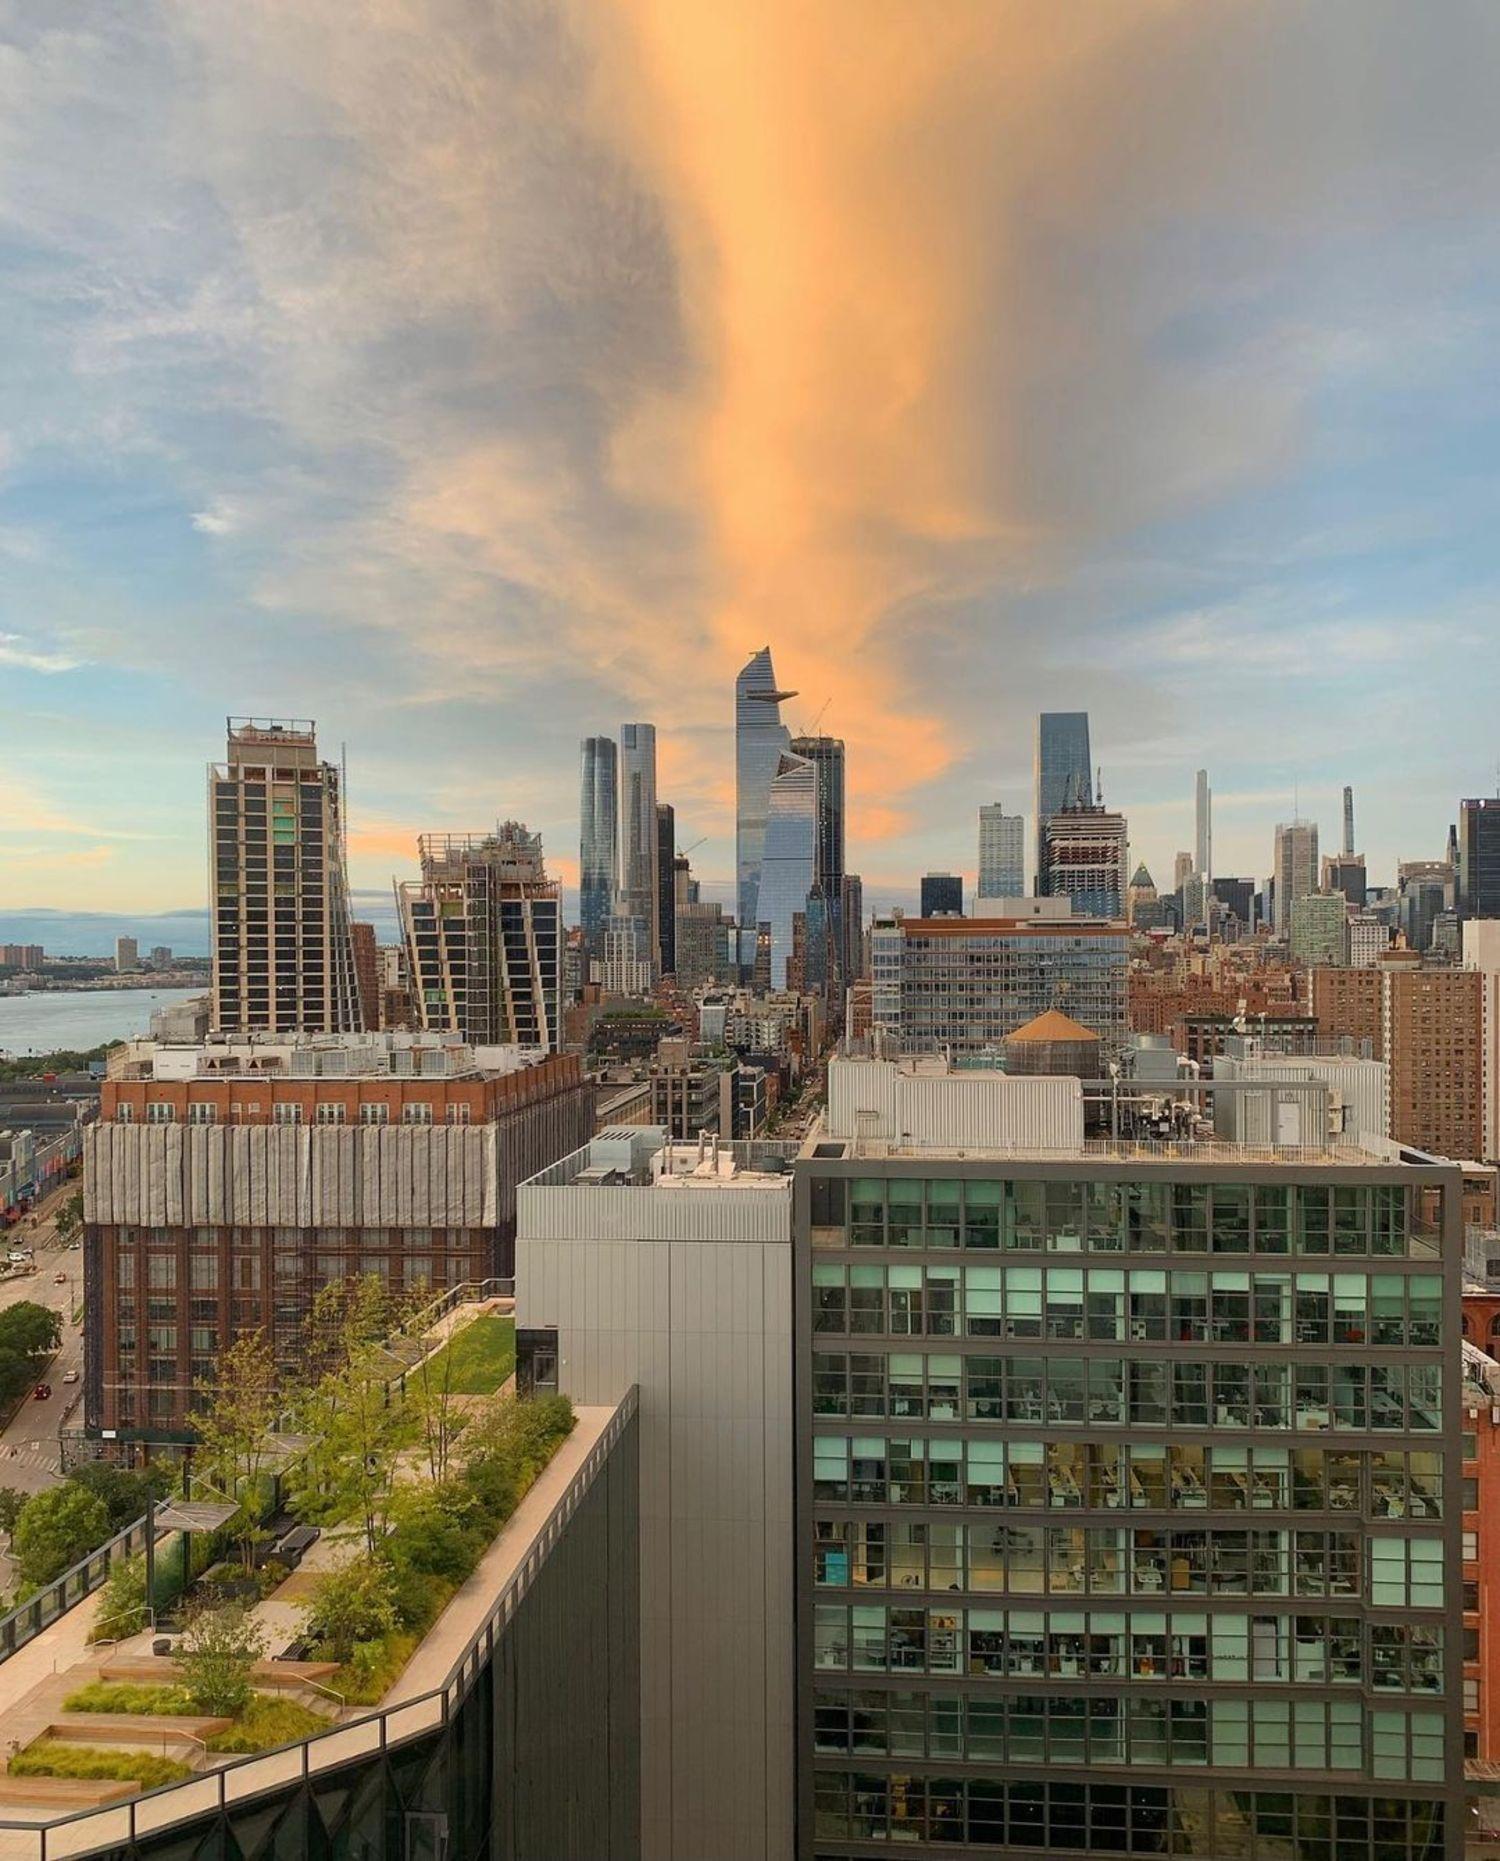 Sunset over Chelsea, Manhattan